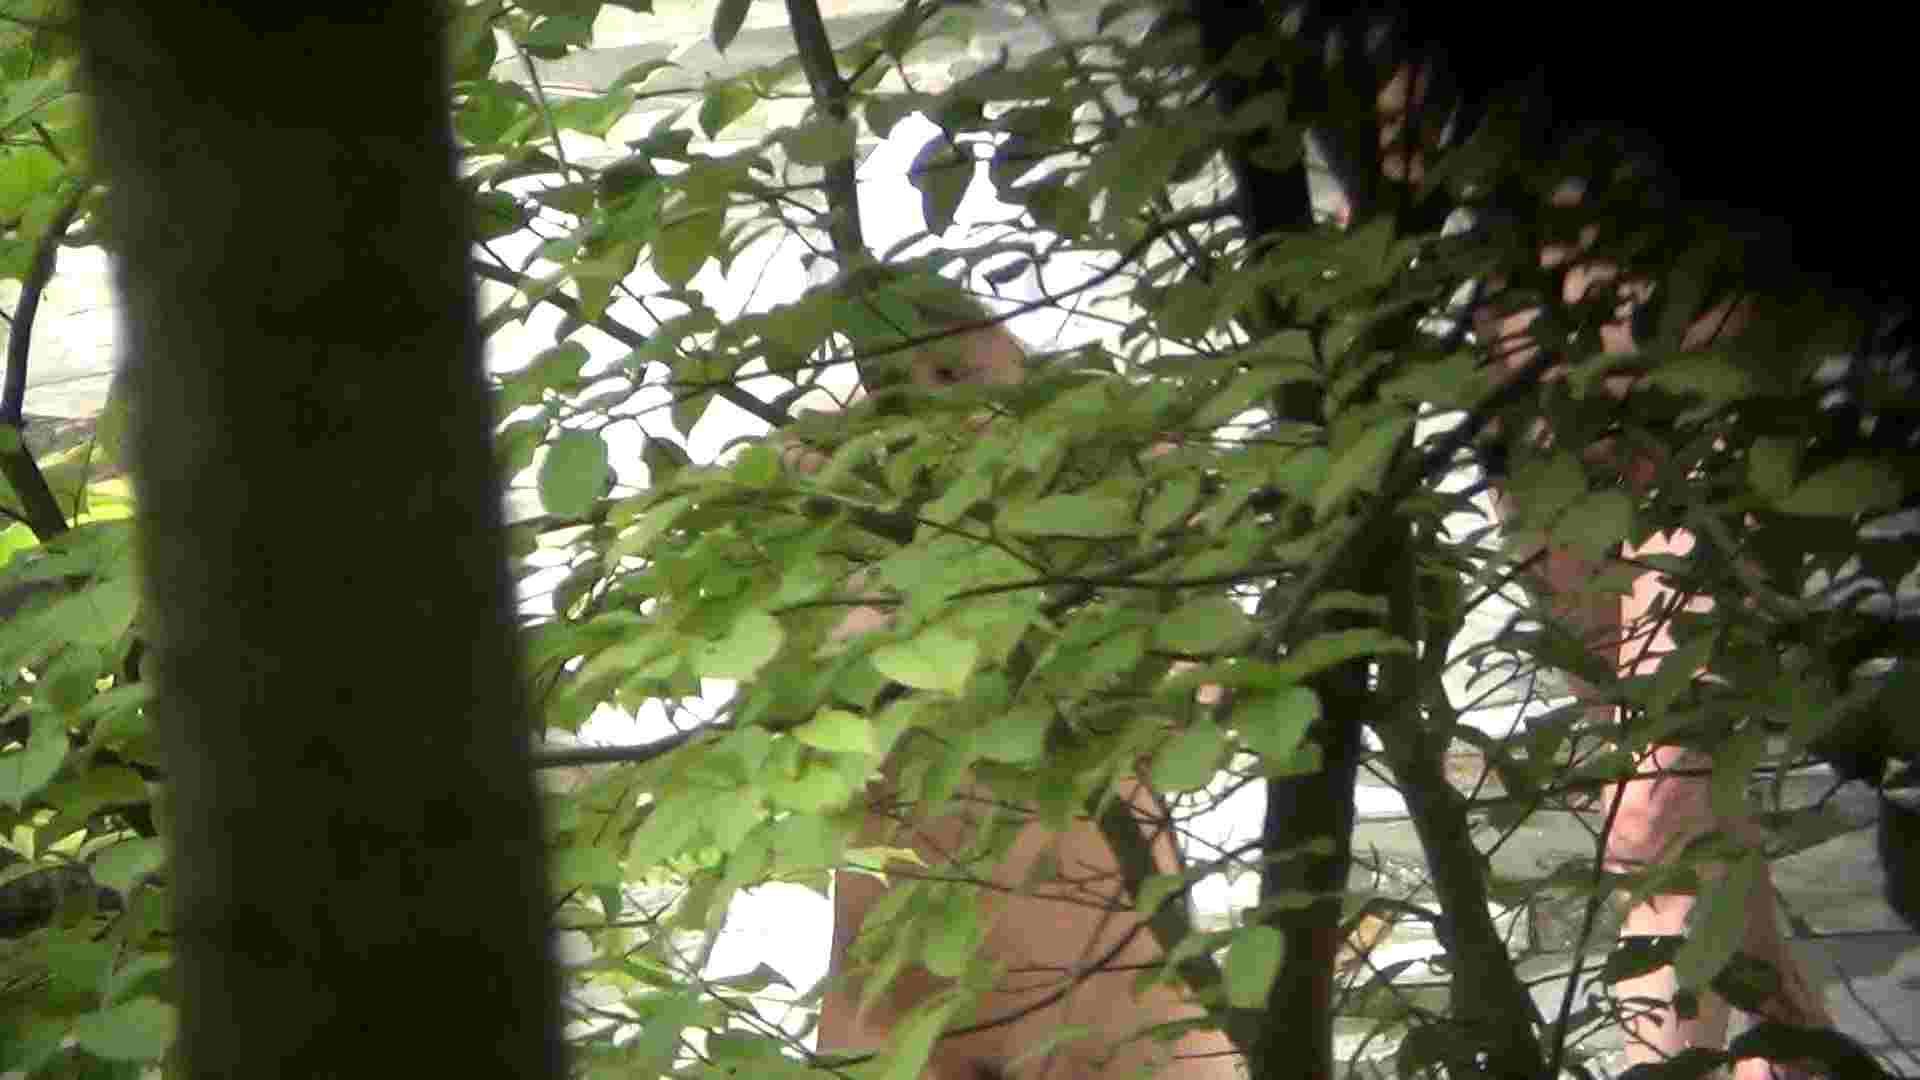 ハイビジョンVol.13 上は美人で下の下は薄いカーテン 美肌 オマンコ動画キャプチャ 82画像 2